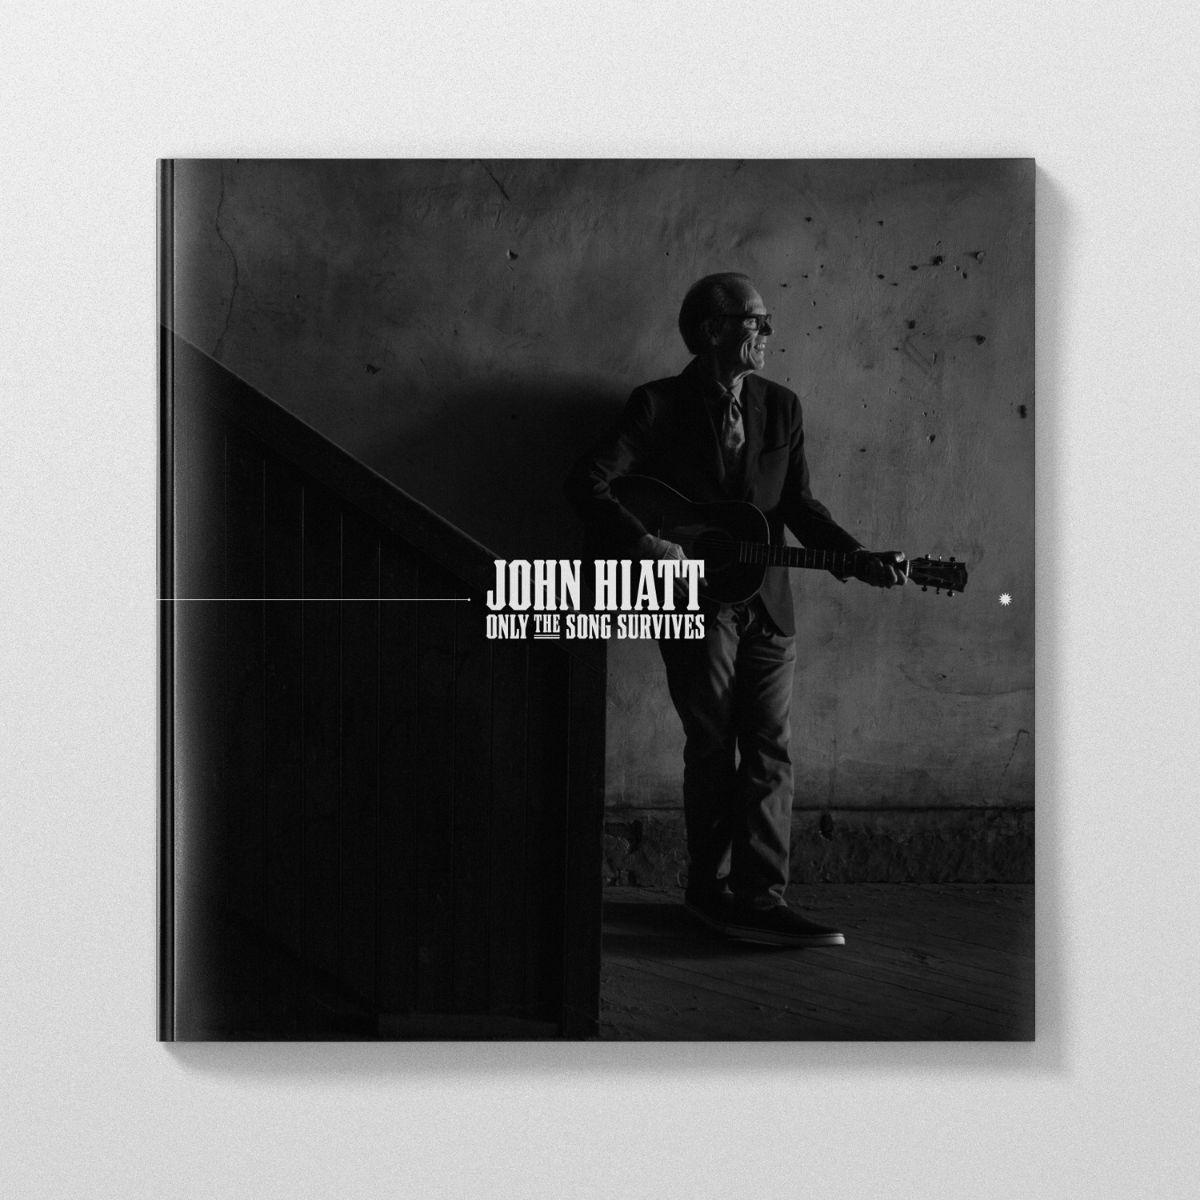 john-hiatt-only-the-song